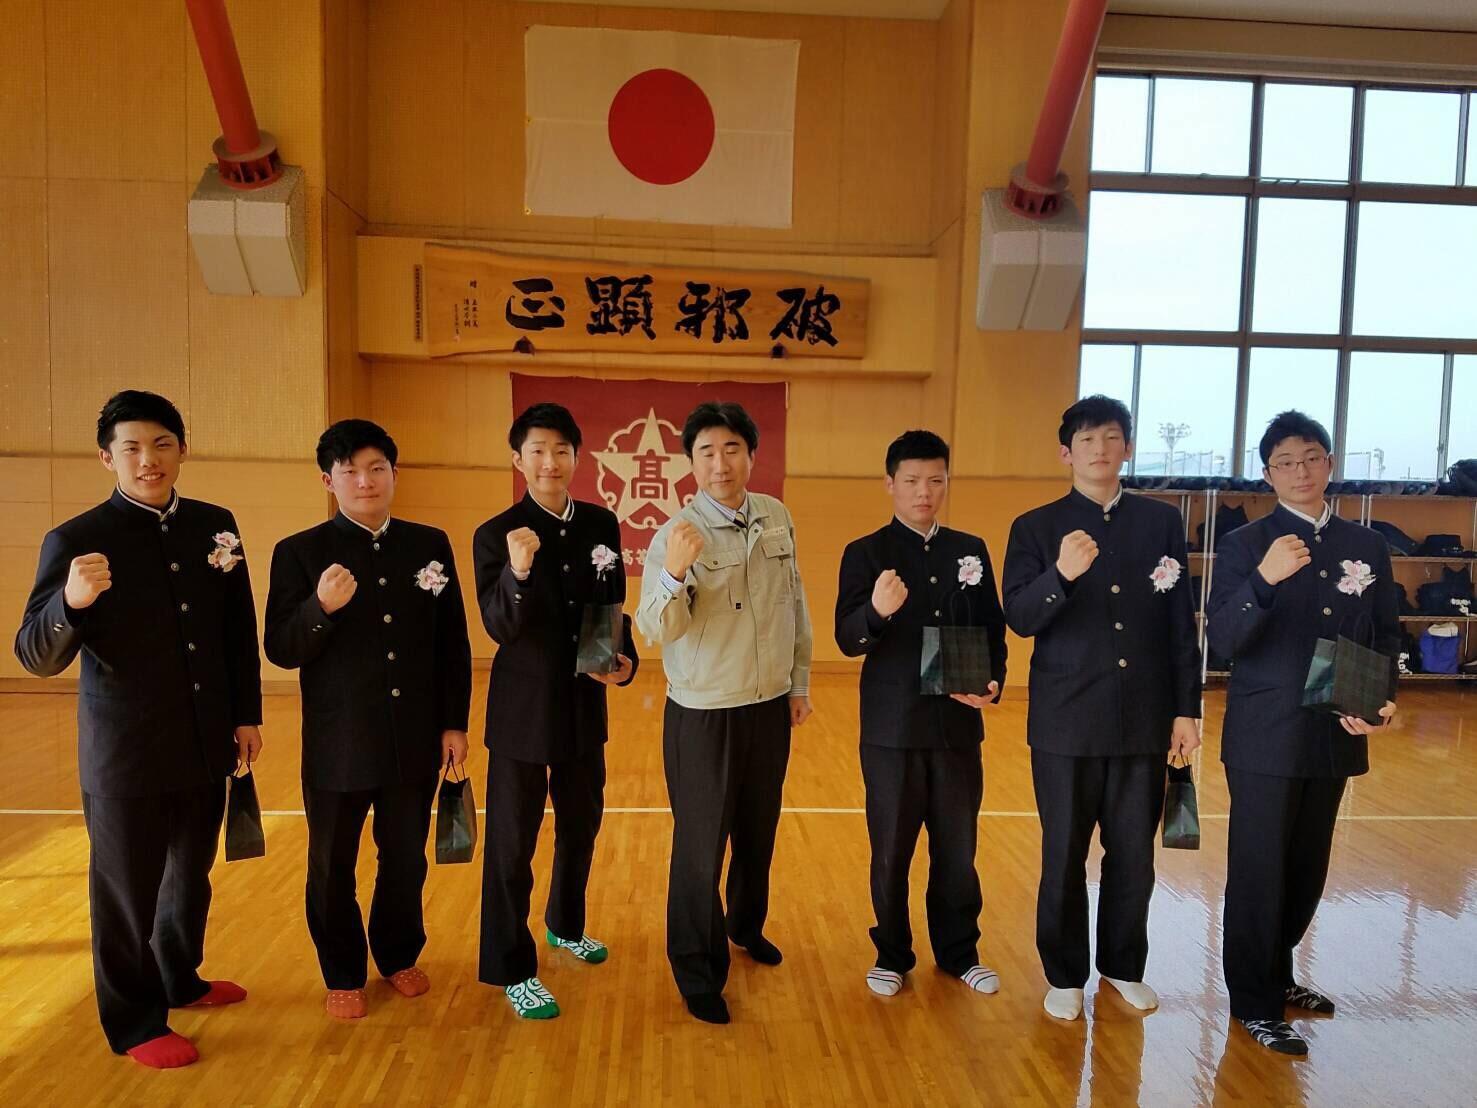 最近の投稿カテゴリーアーカイブ3年生が卒業しました新潟明訓高校 剣道OB会